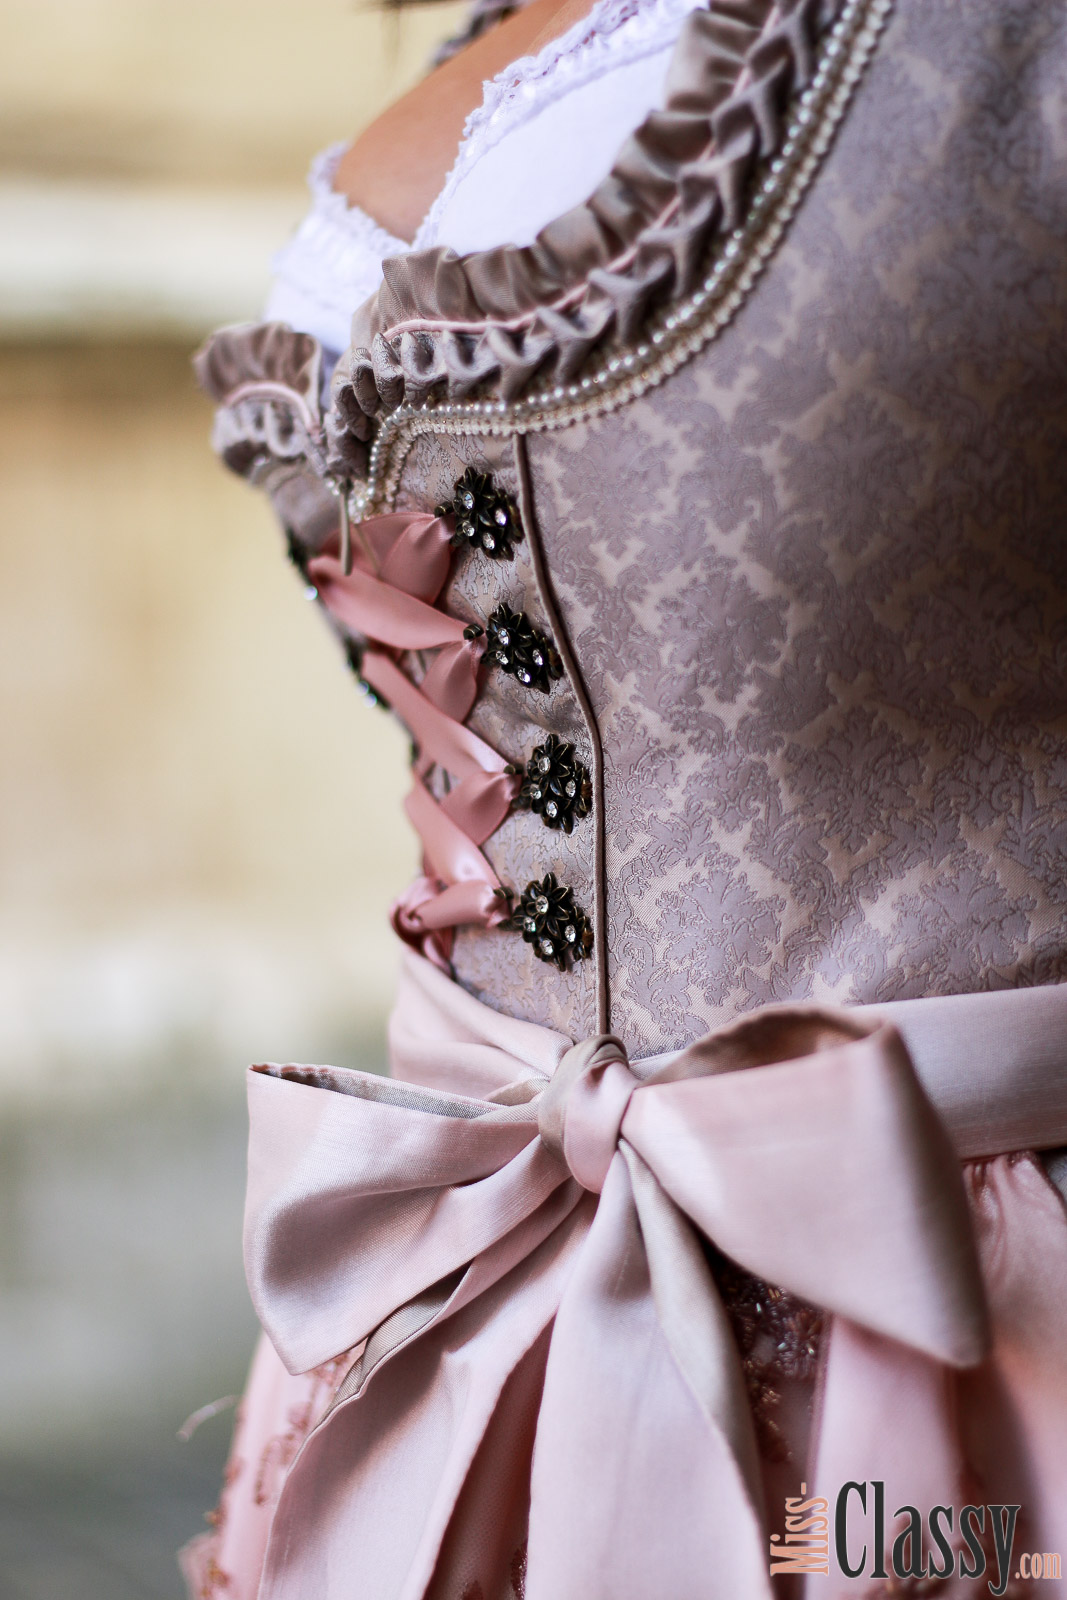 OUTFIT Aufsteirern 2017 - Mein neues Dirndl von Krüger, Miss Classy, Fashion Blog, Lifestyle Blog, Graz, Österreich, classy, Dirndl, Tracht, Trachtenmode, Alpenclassics, Krüger Madl, Aufsteirern, Aufgsteirert